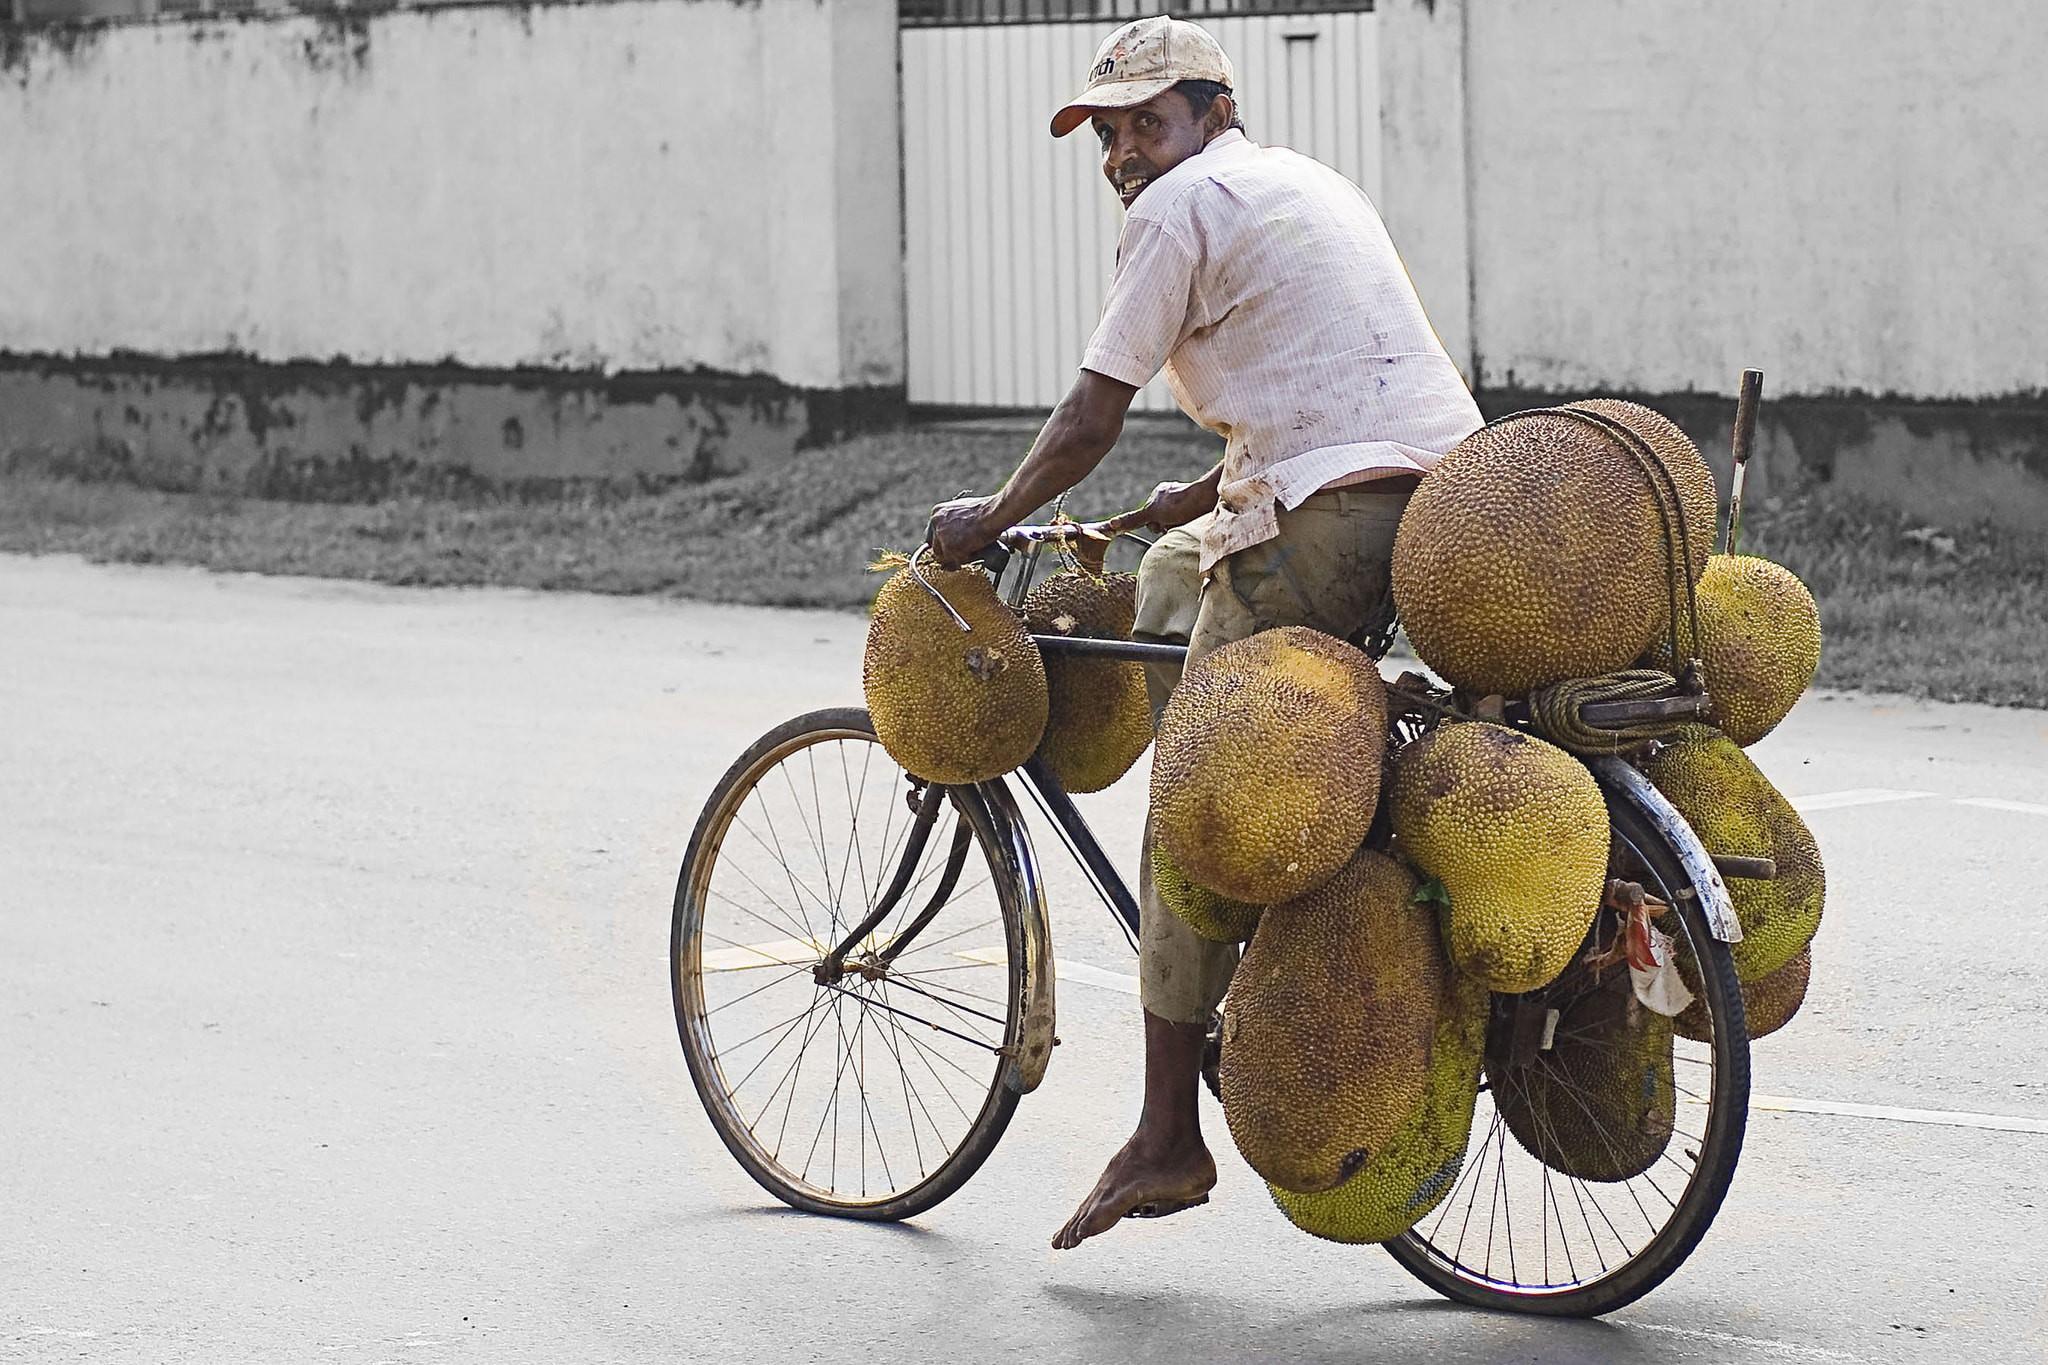 Jackfruit carrier © Hafiz Issadeen/ Flickr